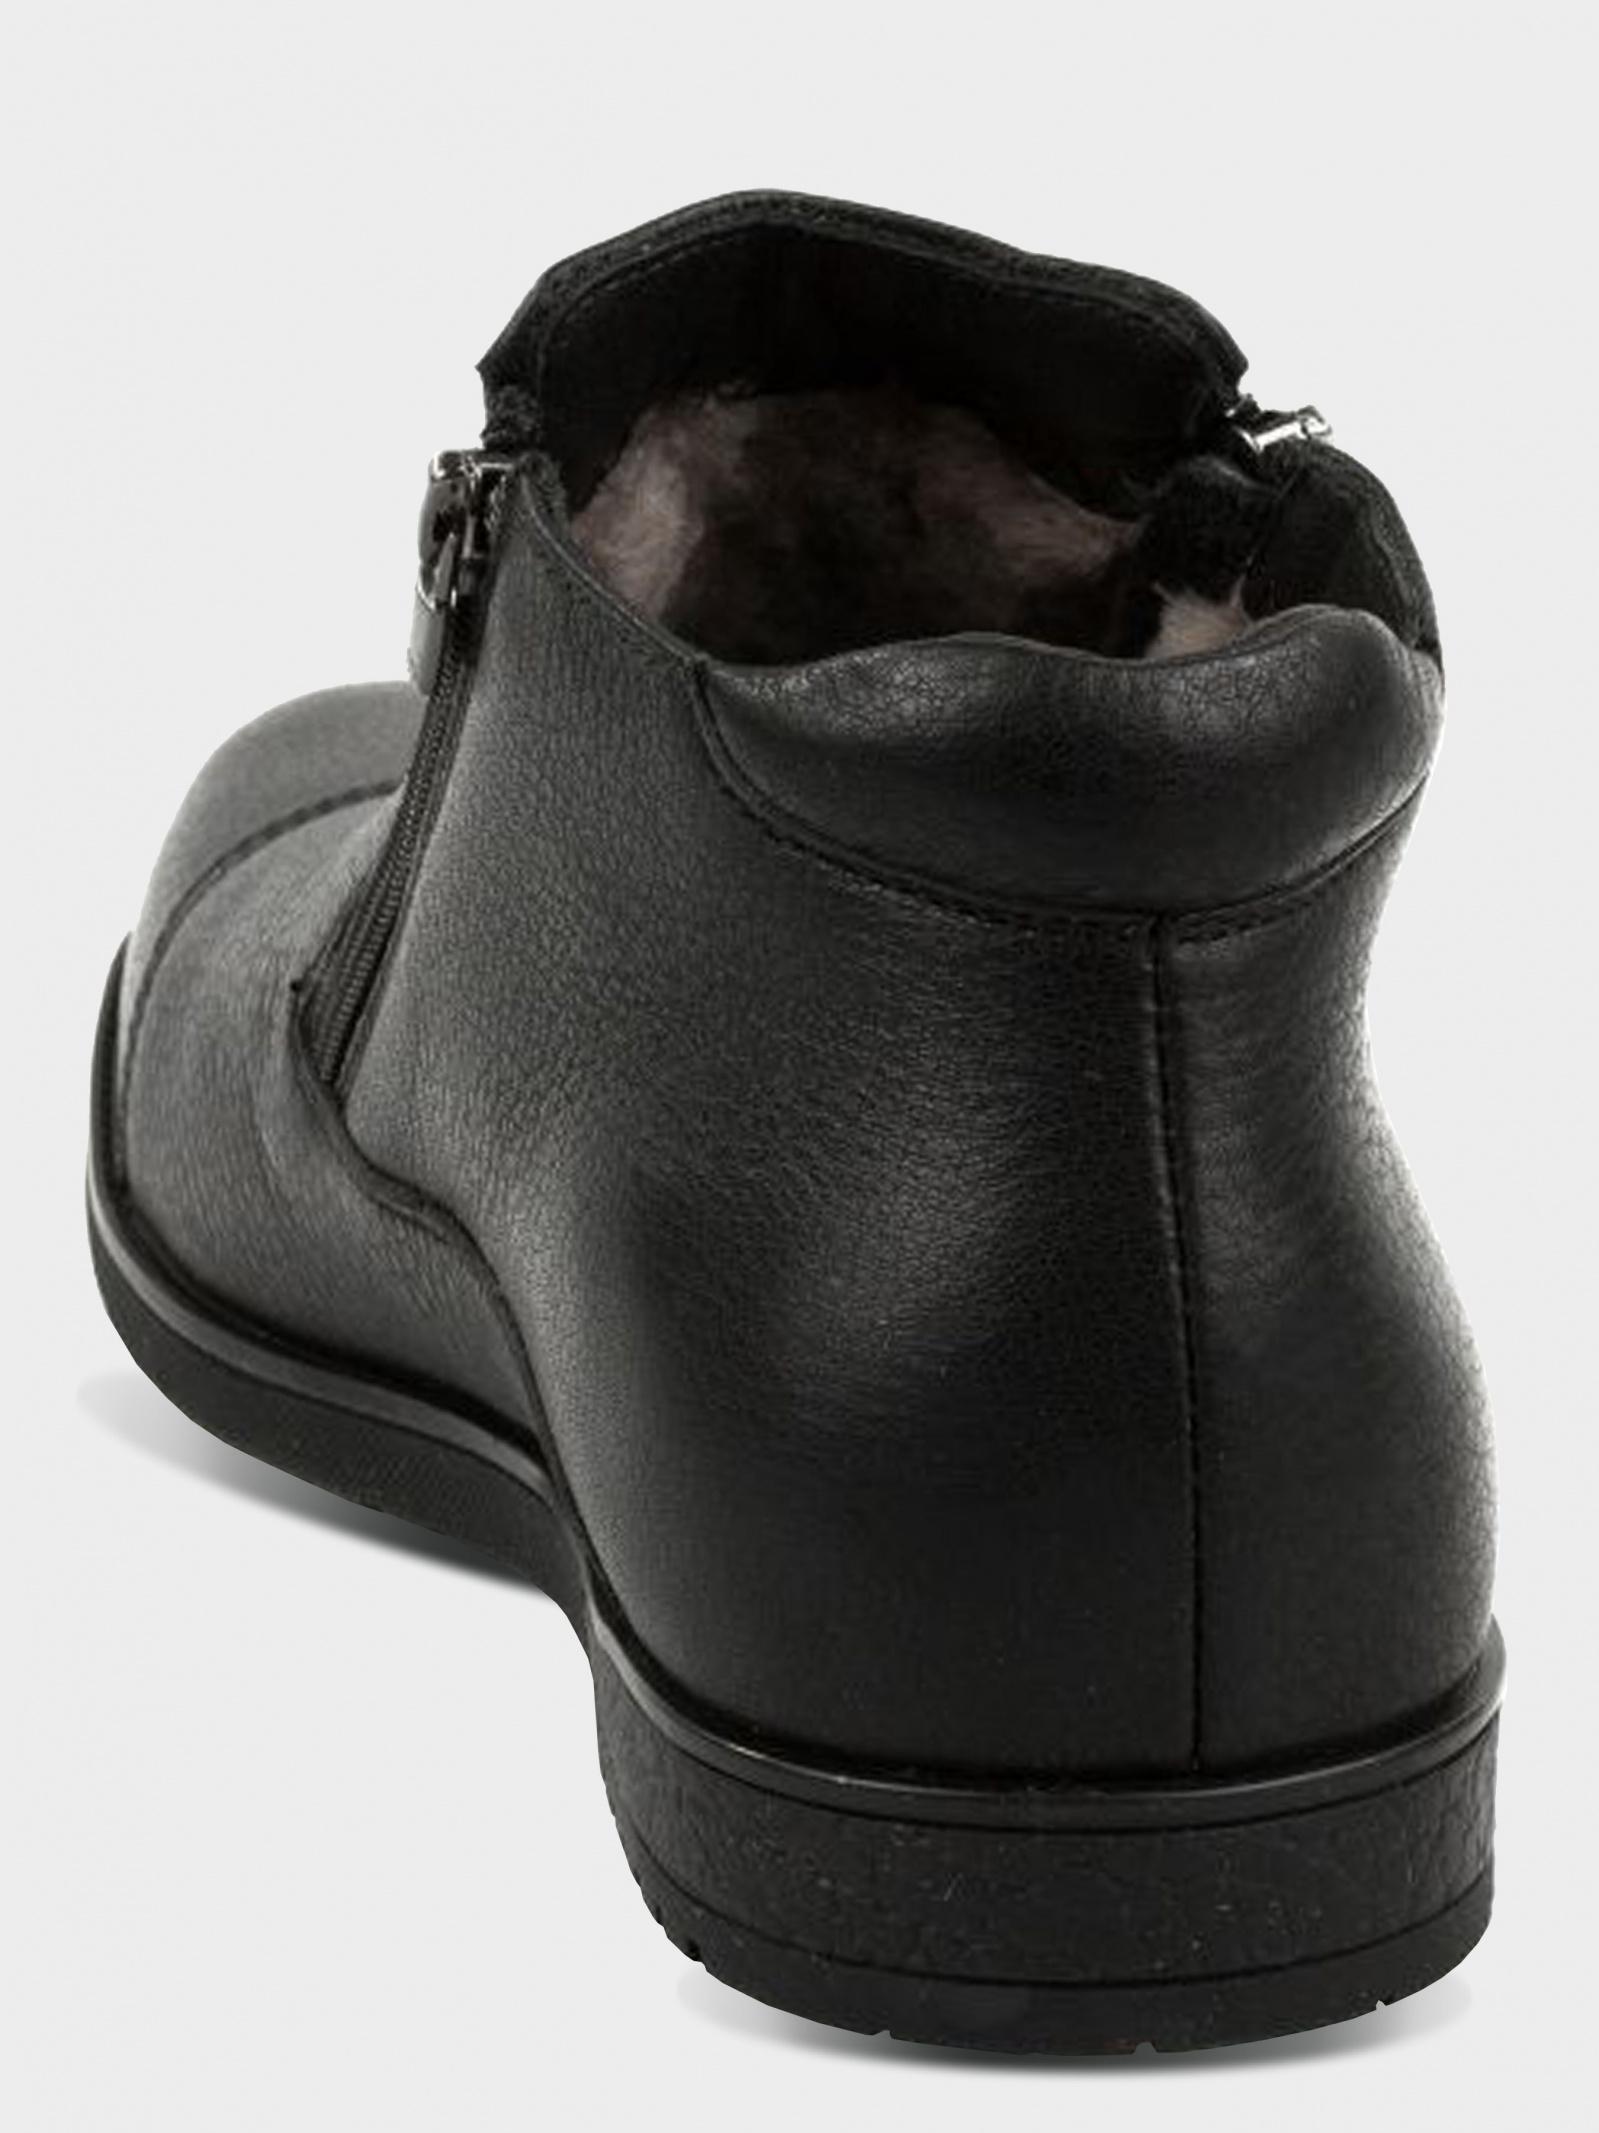 Ботинки для мужчин Davis dynamic shoes 1676-48 смотреть, 2017